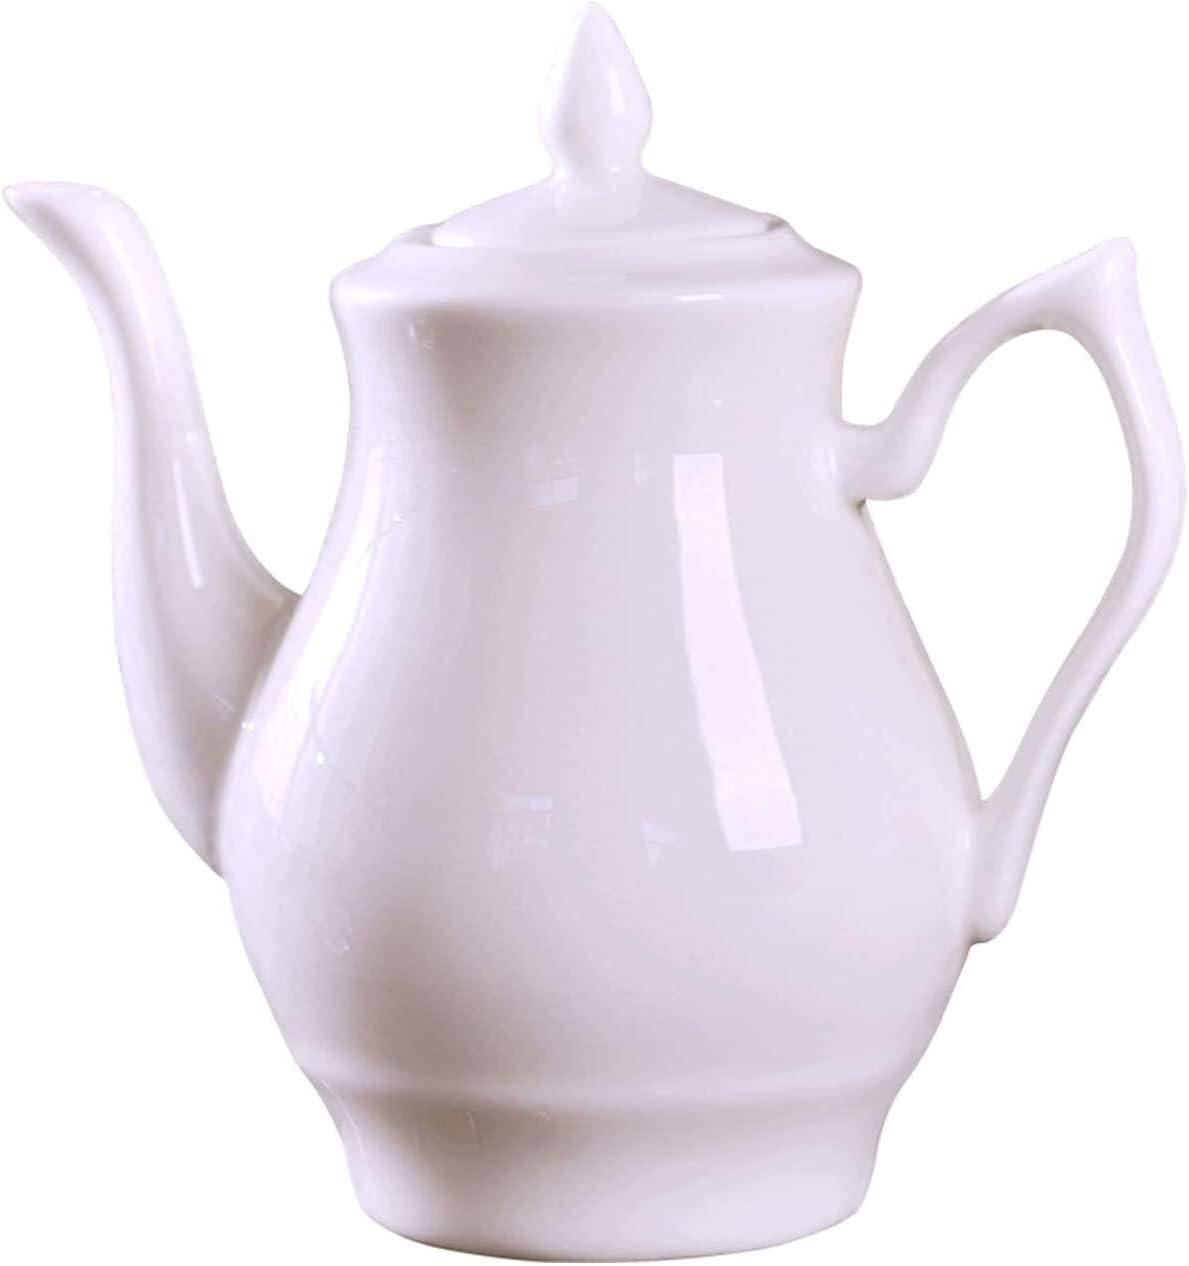 Olive Oil Dispenser Bottle service and Ceramic 5 ☆ popular Cruet Vinegar S Soy